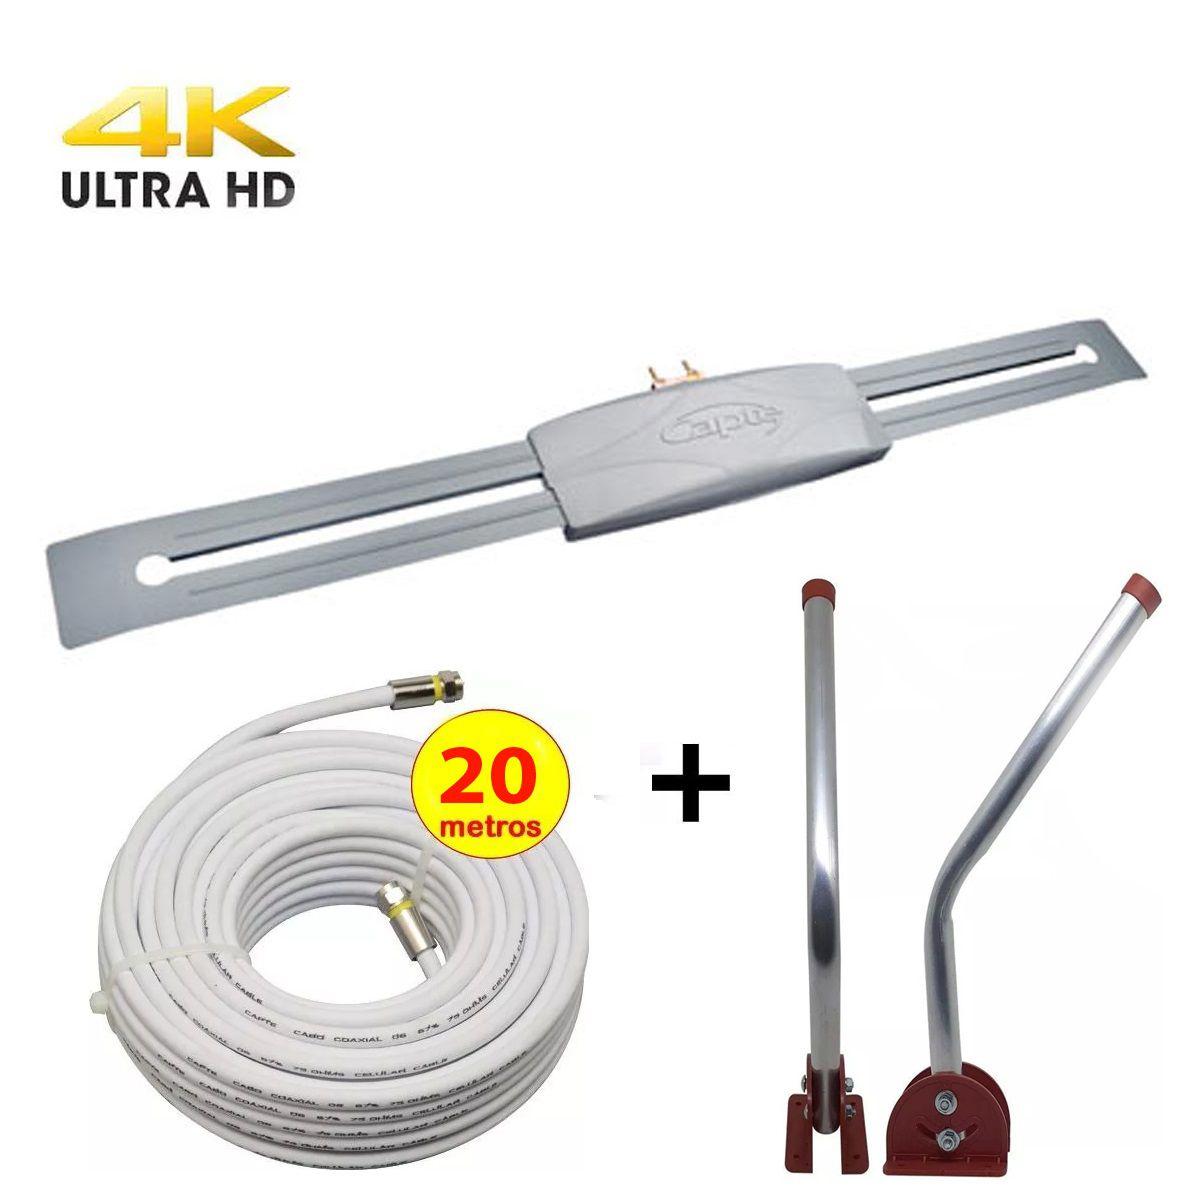 Antena Digital Externa Capte Prata Full HD com Mastro Articulável 45 com e Cabo Coaxial Capte de 15 mt